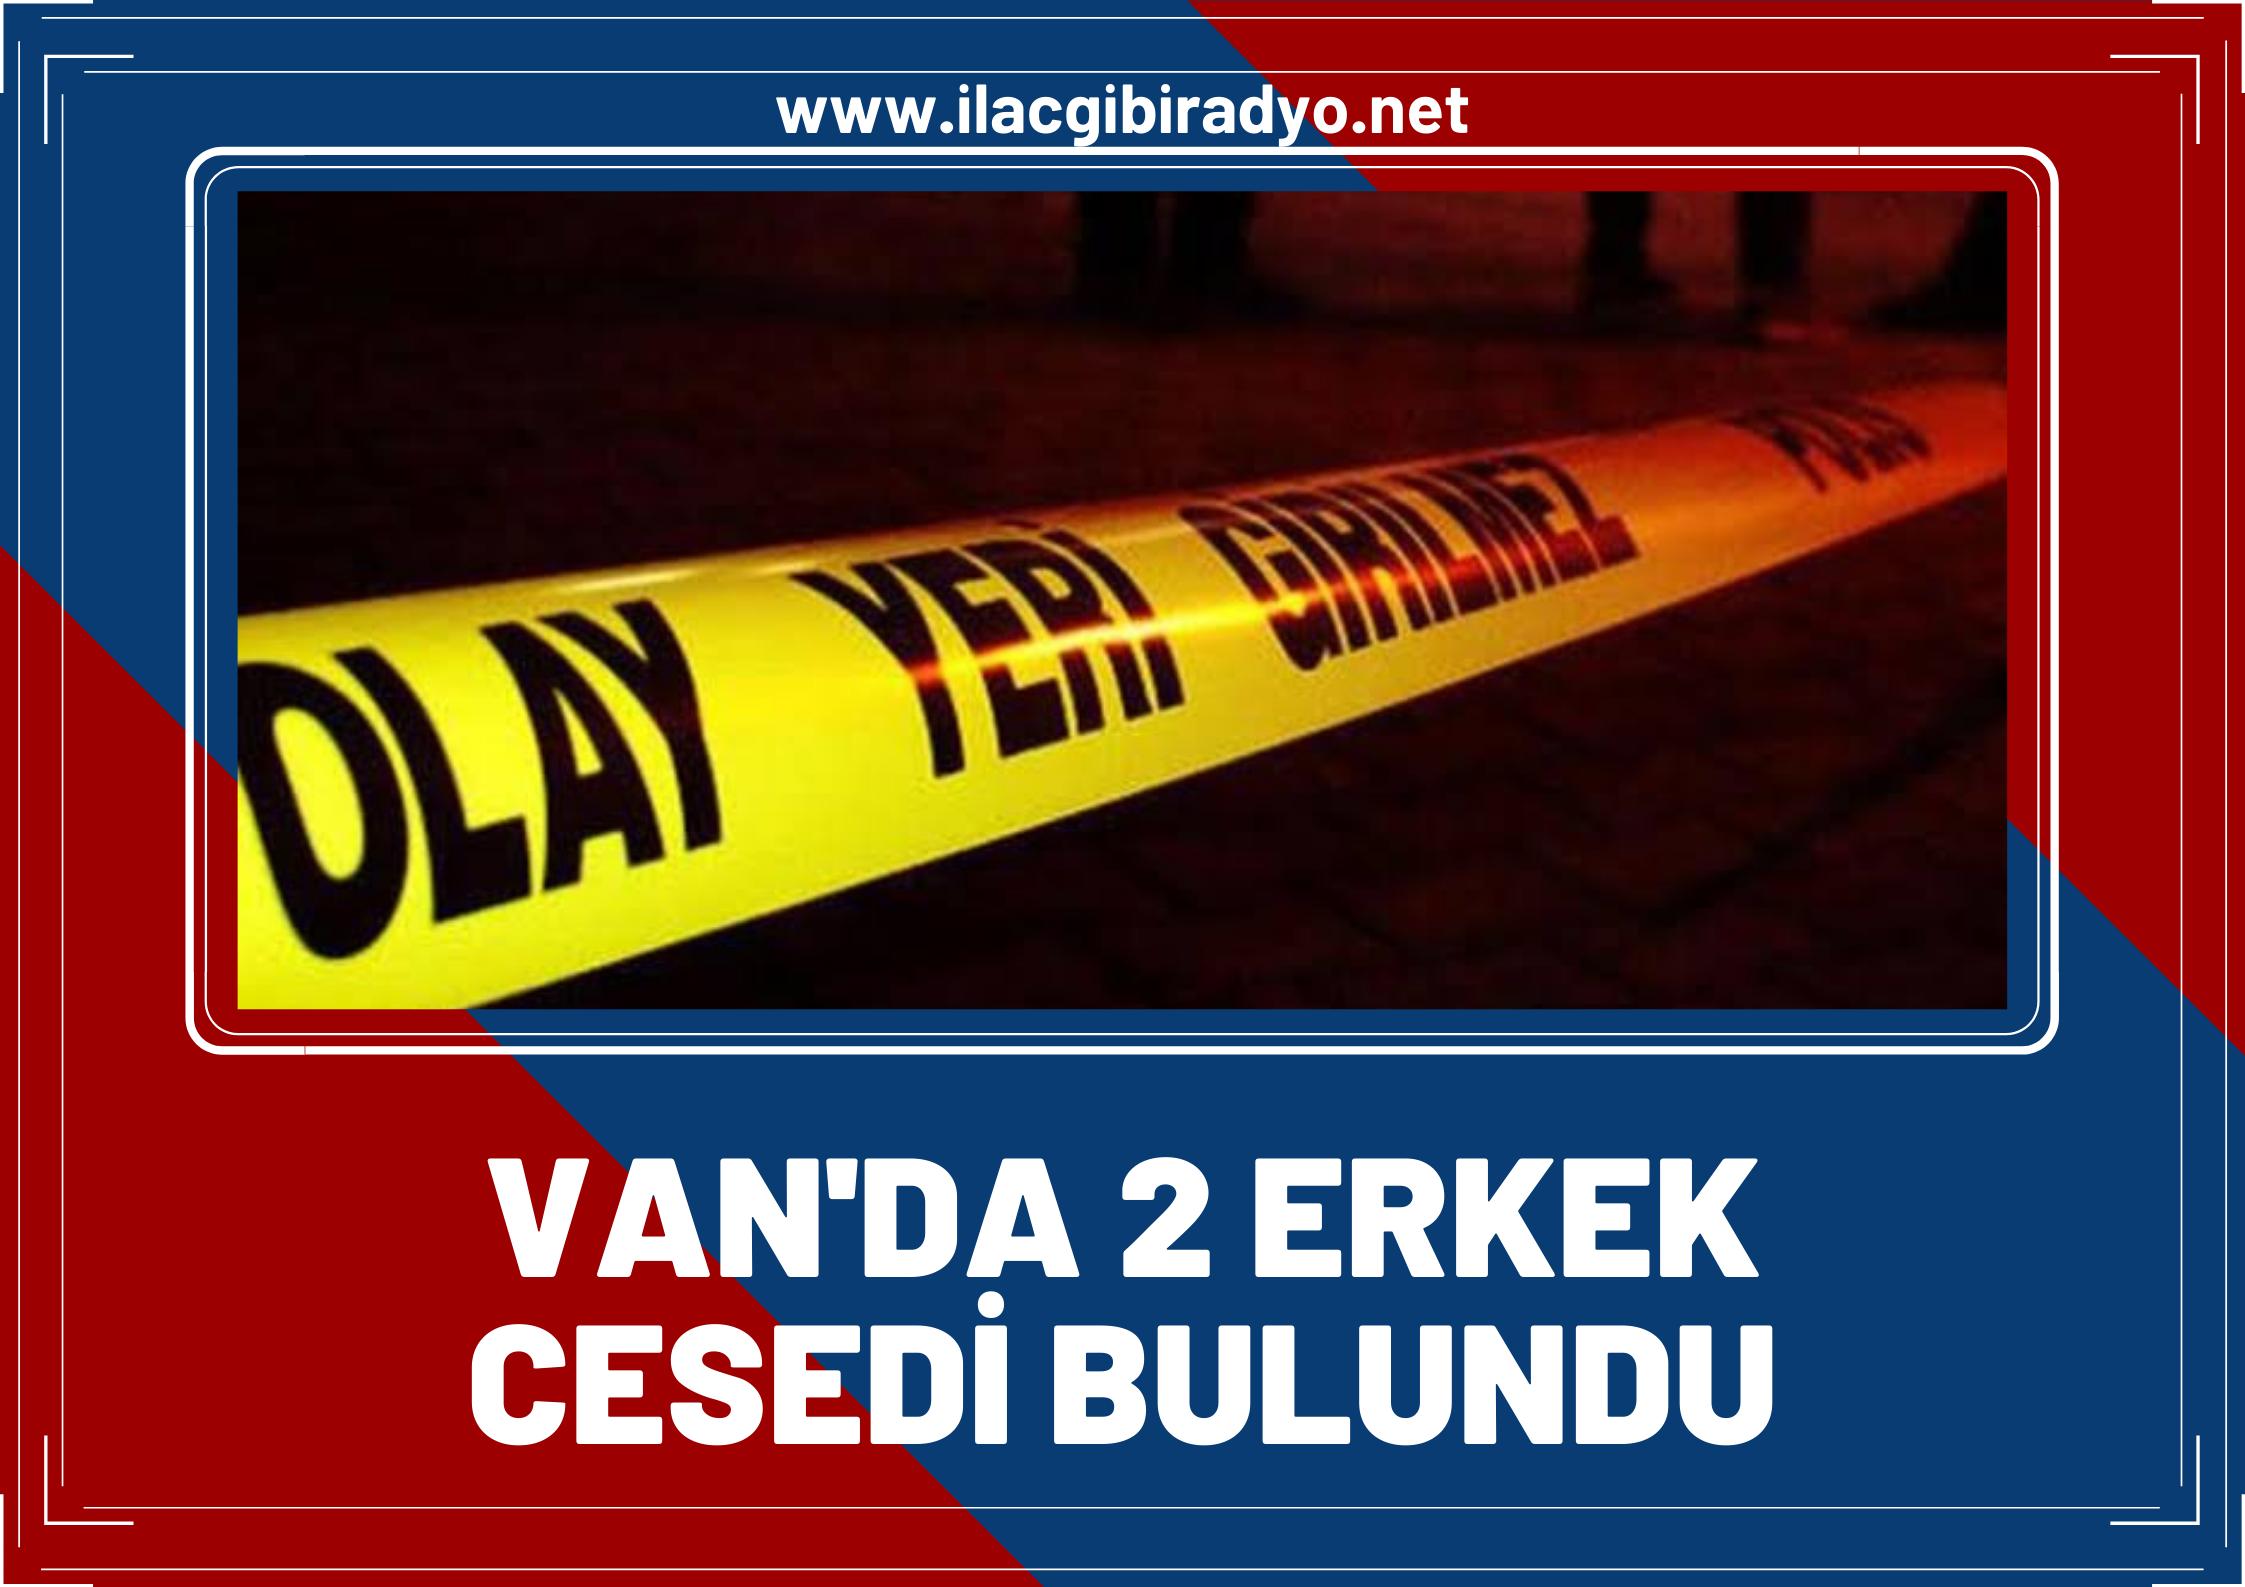 Van'da düzensiz göçmene ait 2 erkek cesedi bulundu!